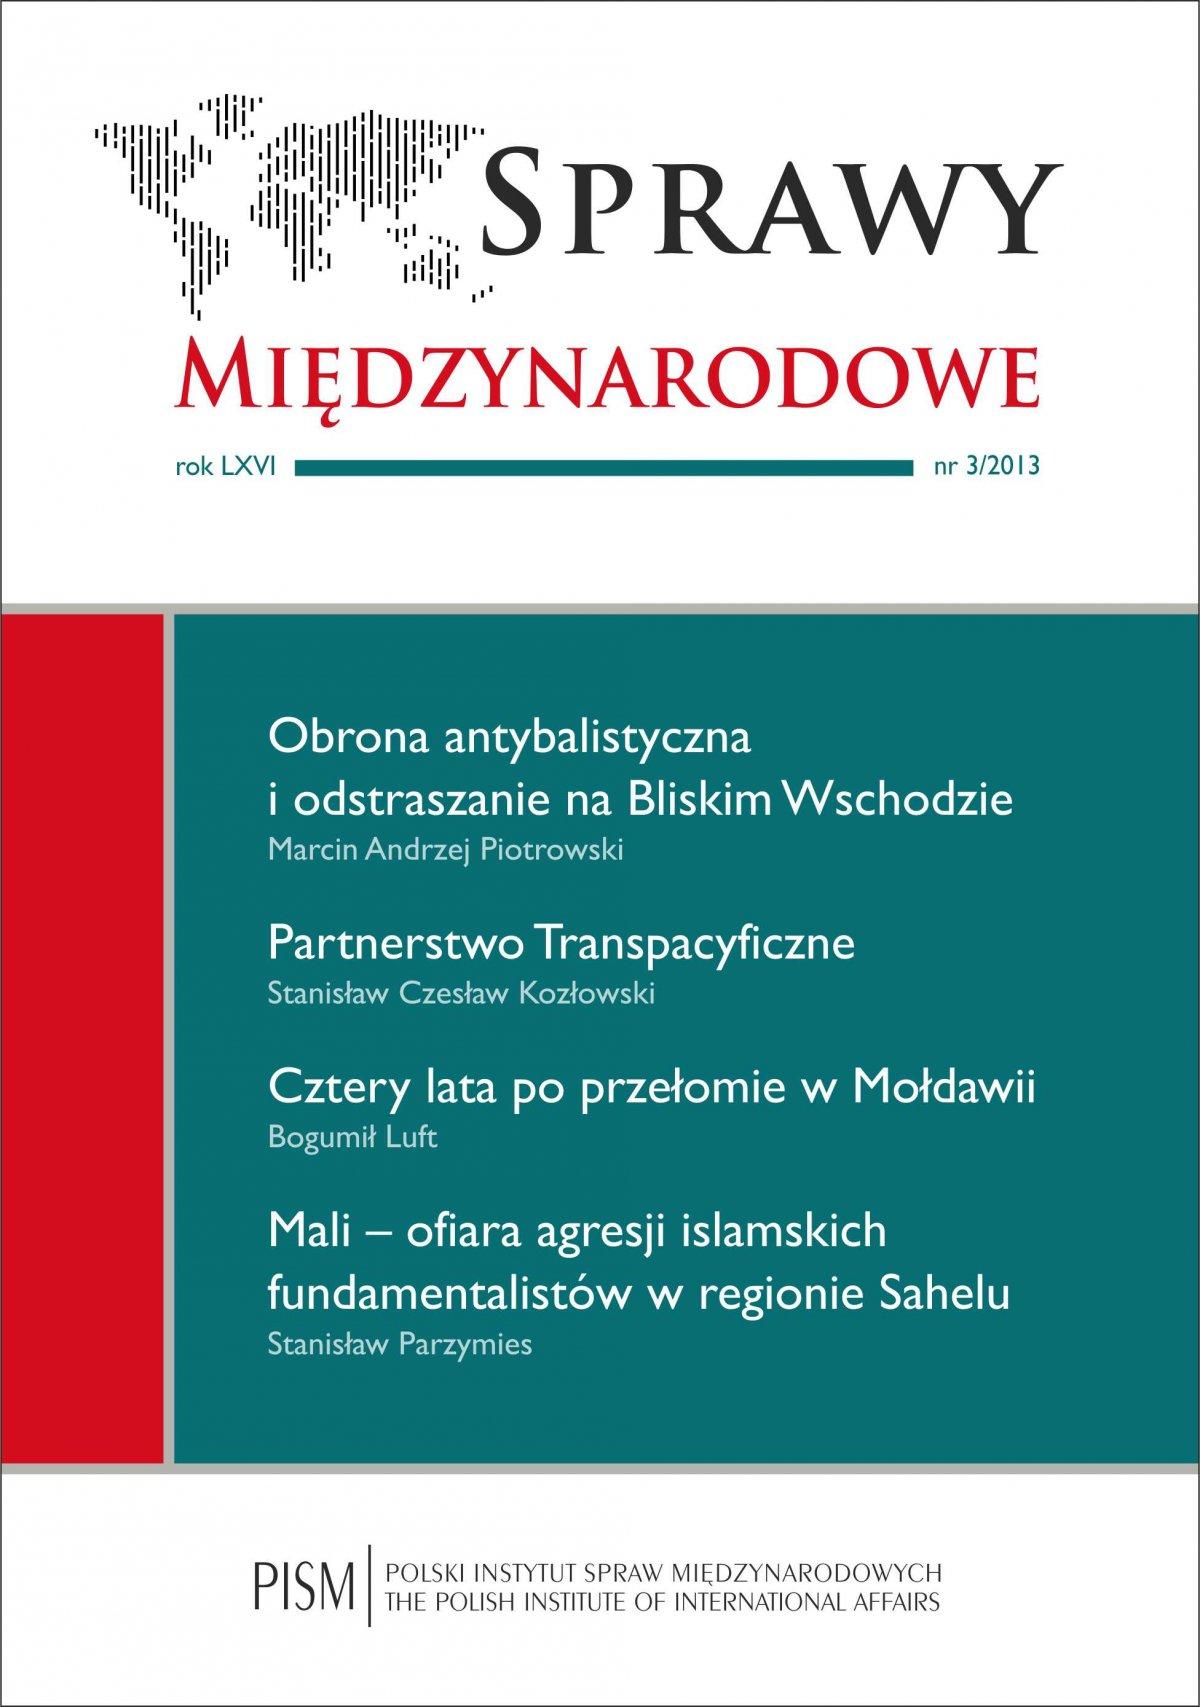 Sprawy Międzynarodowe 3/2013 - Ebook (Książka EPUB) do pobrania w formacie EPUB